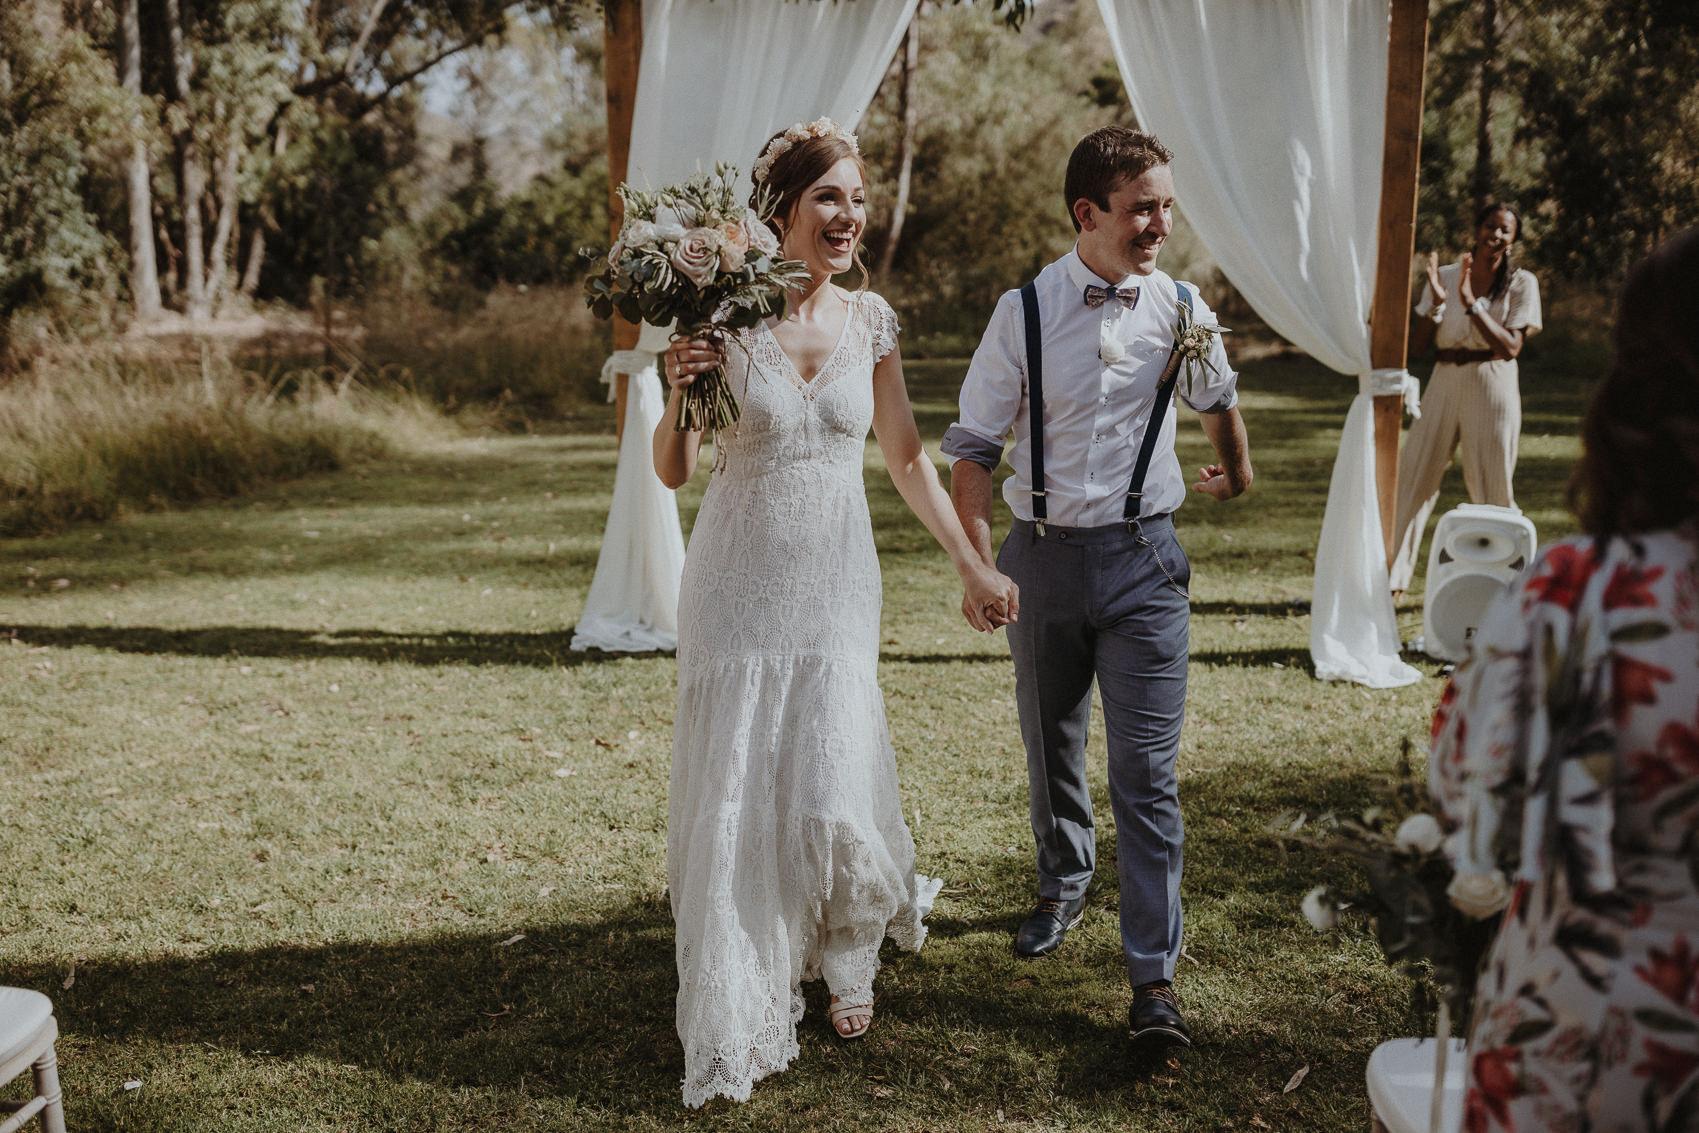 Sarah & Bill | Summer wedding at Cortijo Rosa Blanca | Marbella - Spain 85